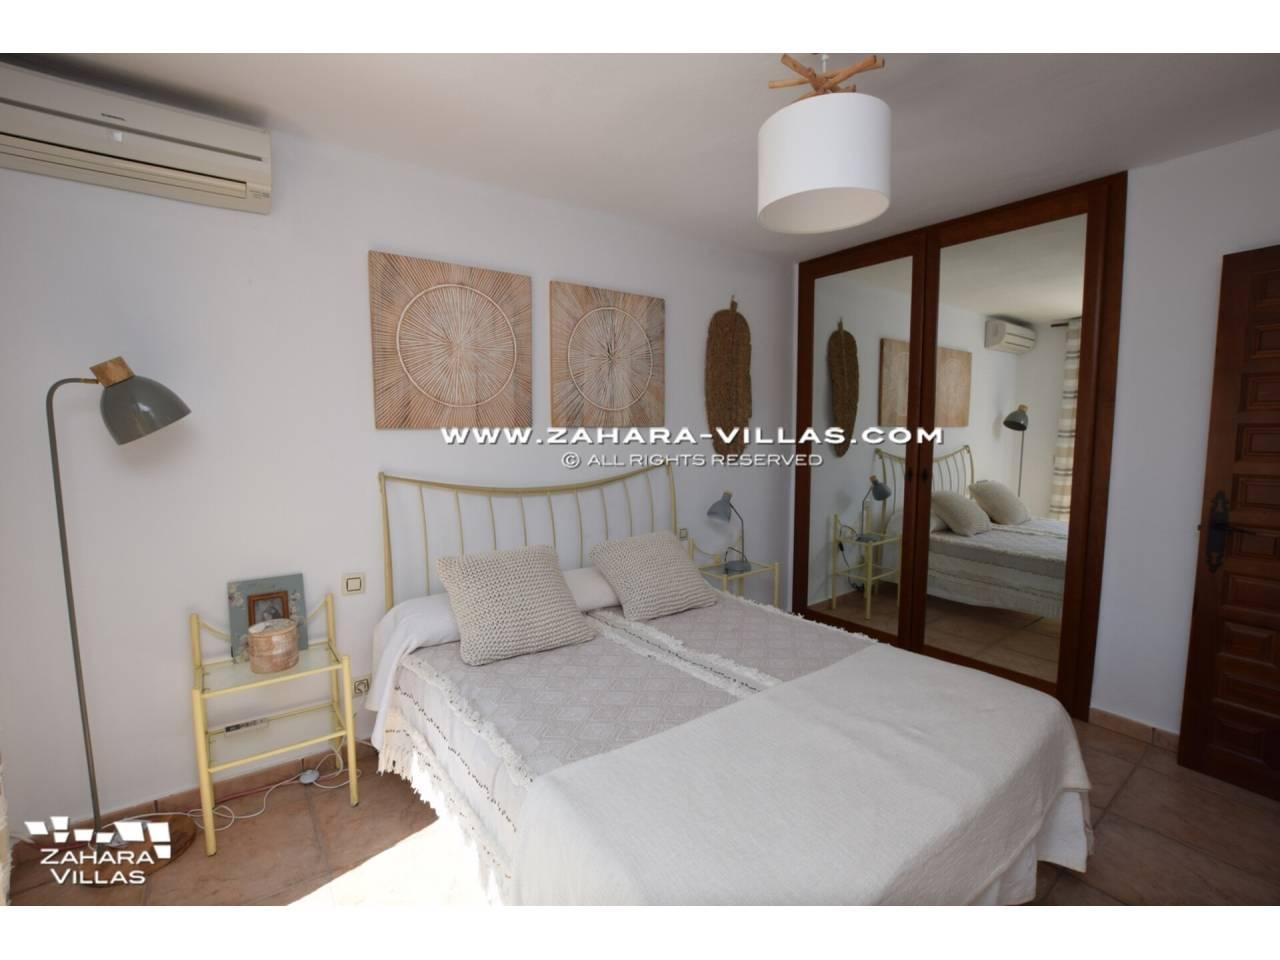 Imagen 16 de Casa Adosada con vistas al mar en venta en Urb. Jardines de Zahara